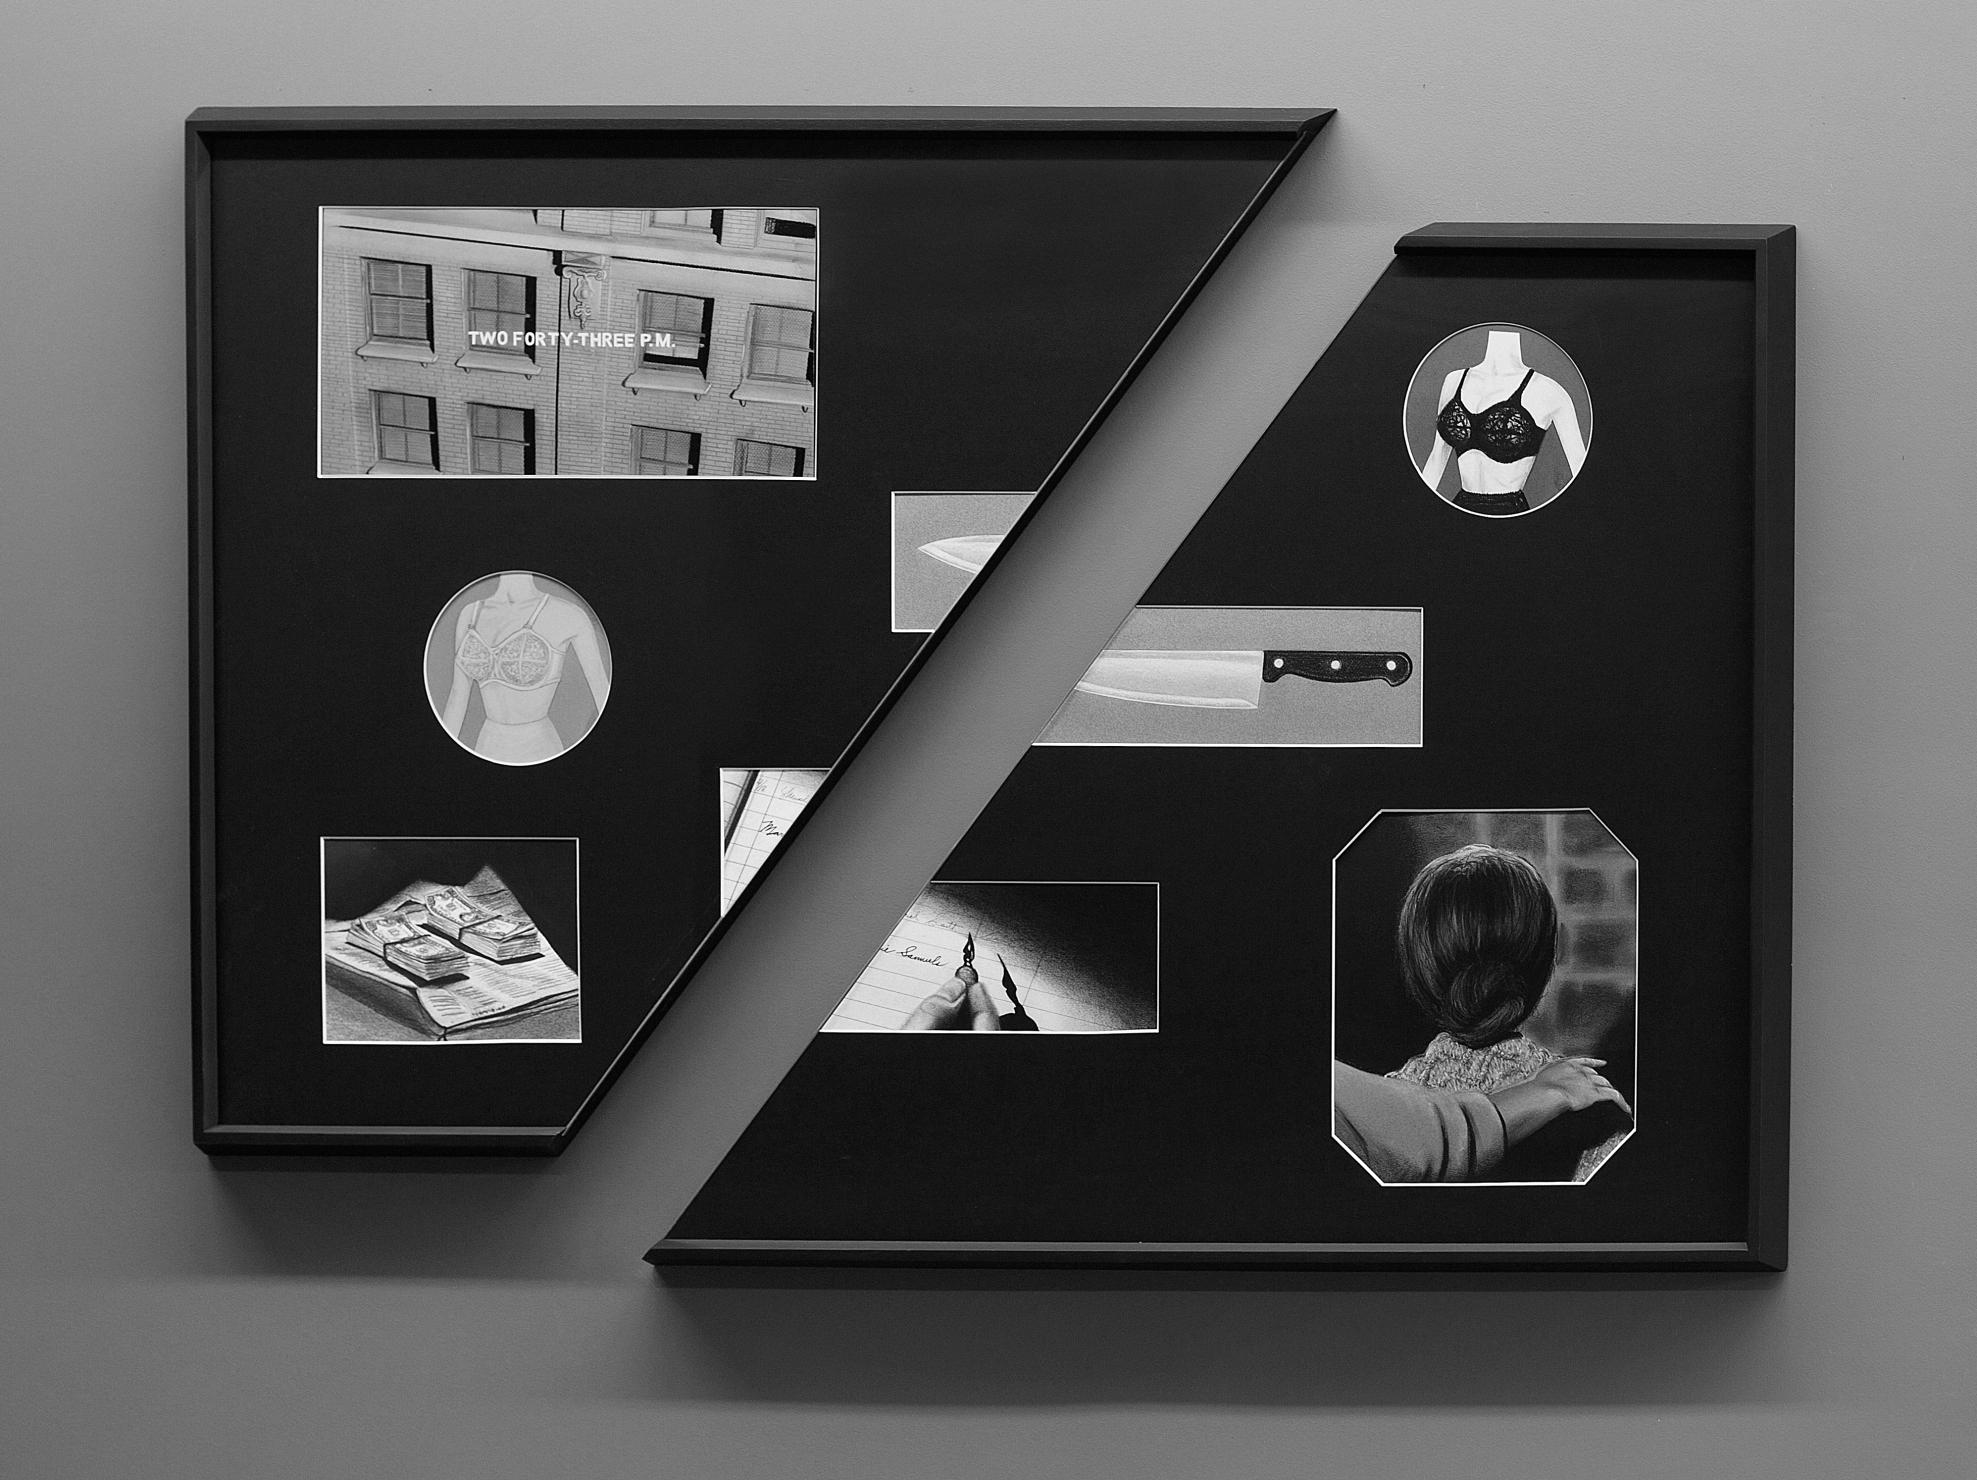 Psycho, 2016. Dibujo, lápiz y pastel sobre papel montados en passepartout. 80 x 120 cm.